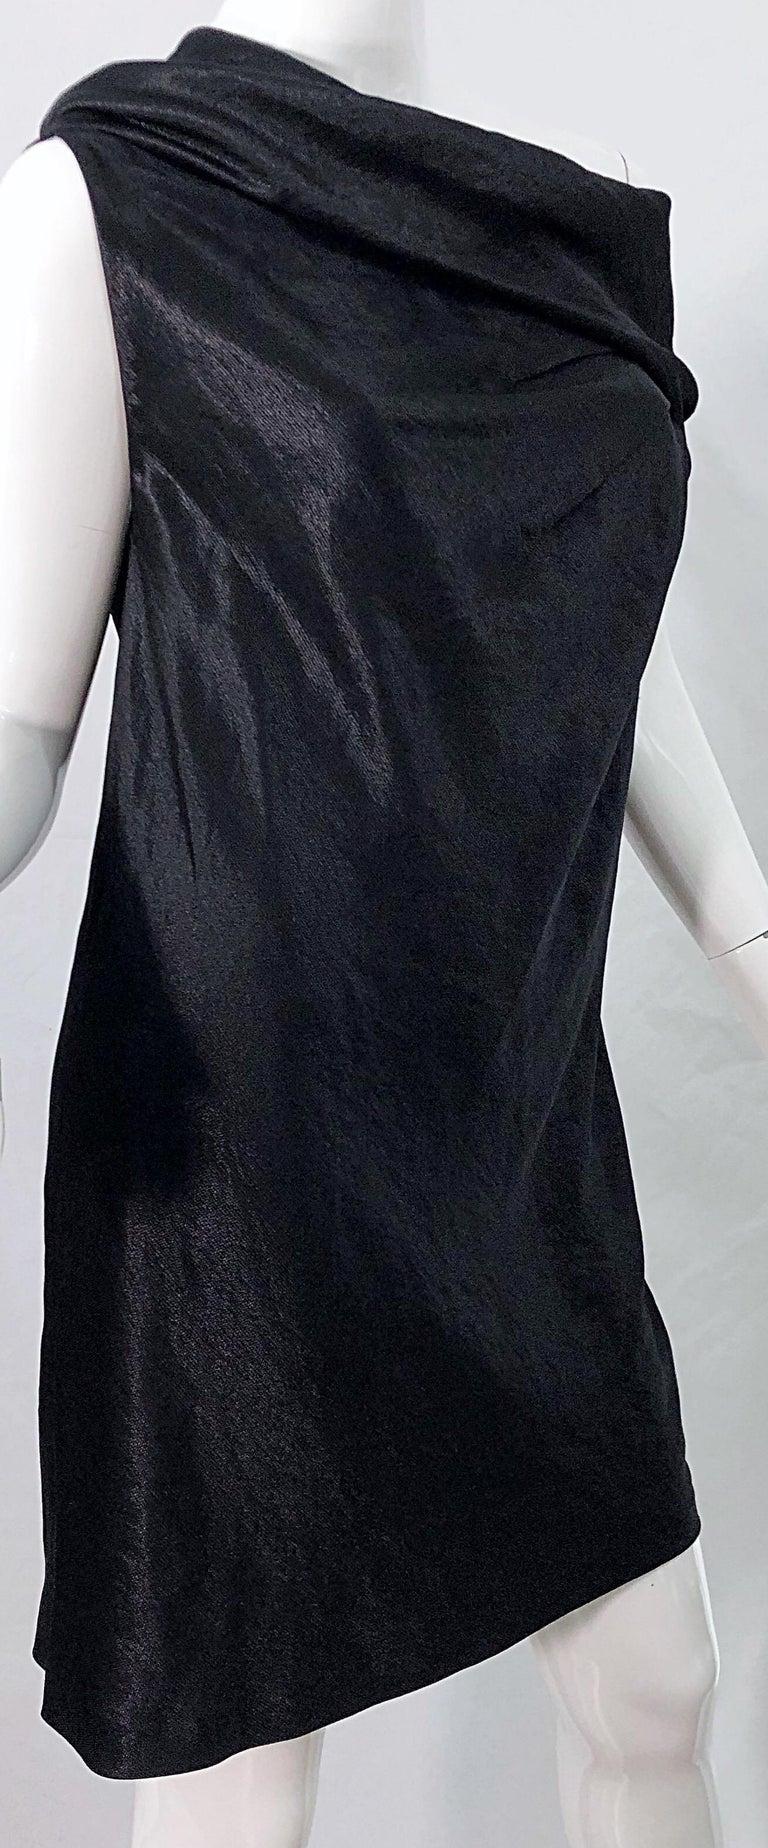 NWT 1990s Donna Karan Size 8 Black Metallic Rayon Off - Shoulder Vintage Dress For Sale 4